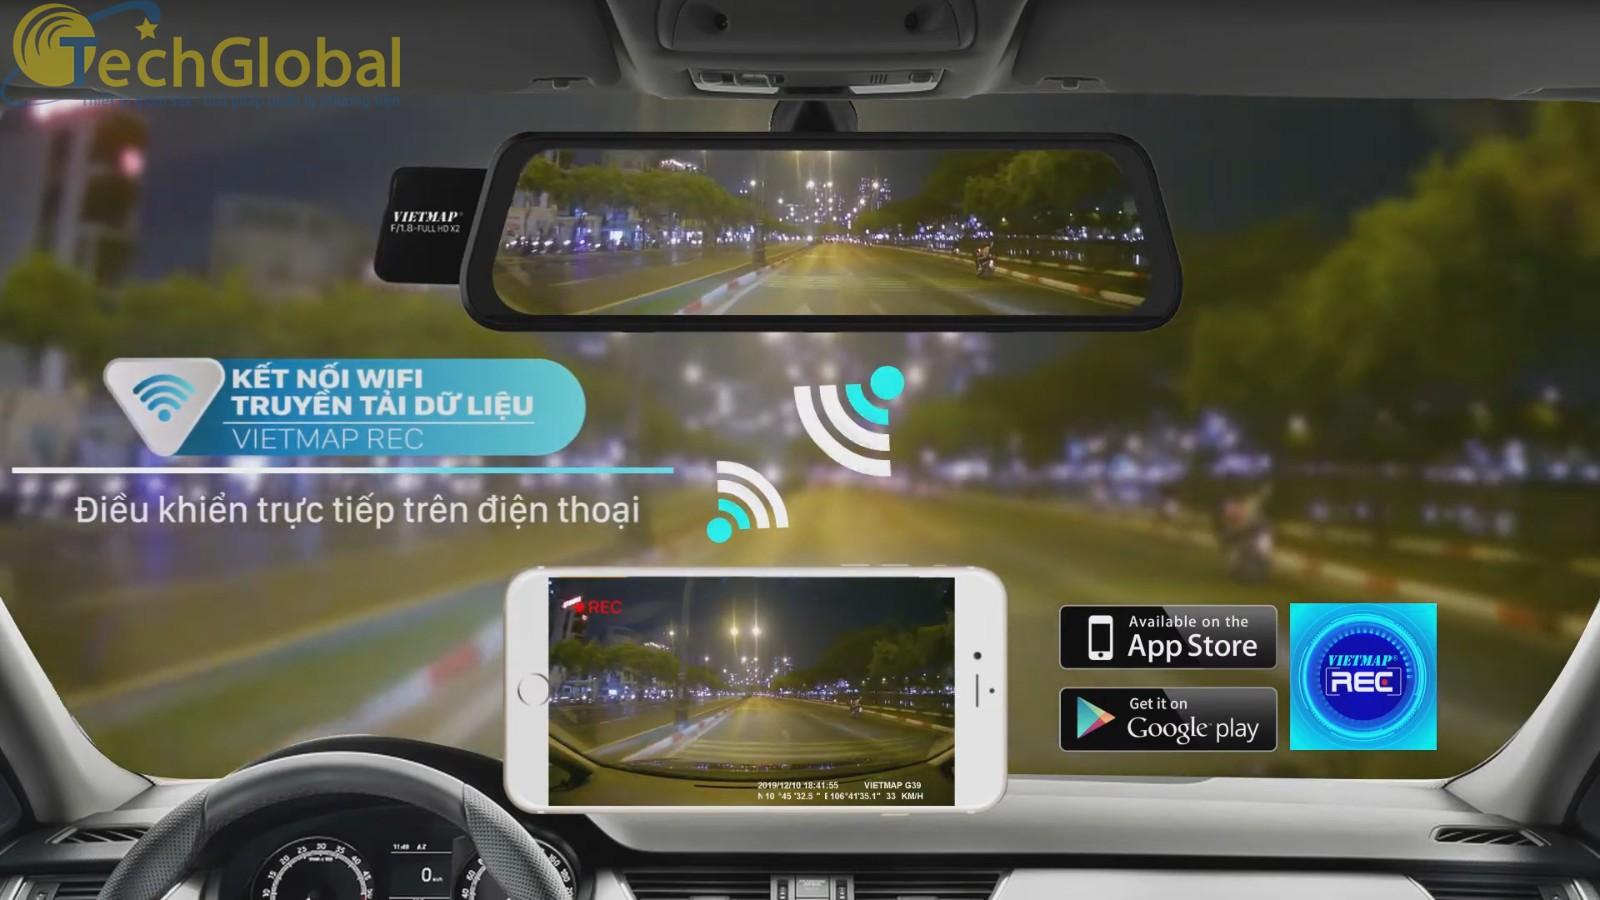 Kết nối WIFI giúp xem - tải - chia sẻ video trực tiếp ngay trên điện thoại